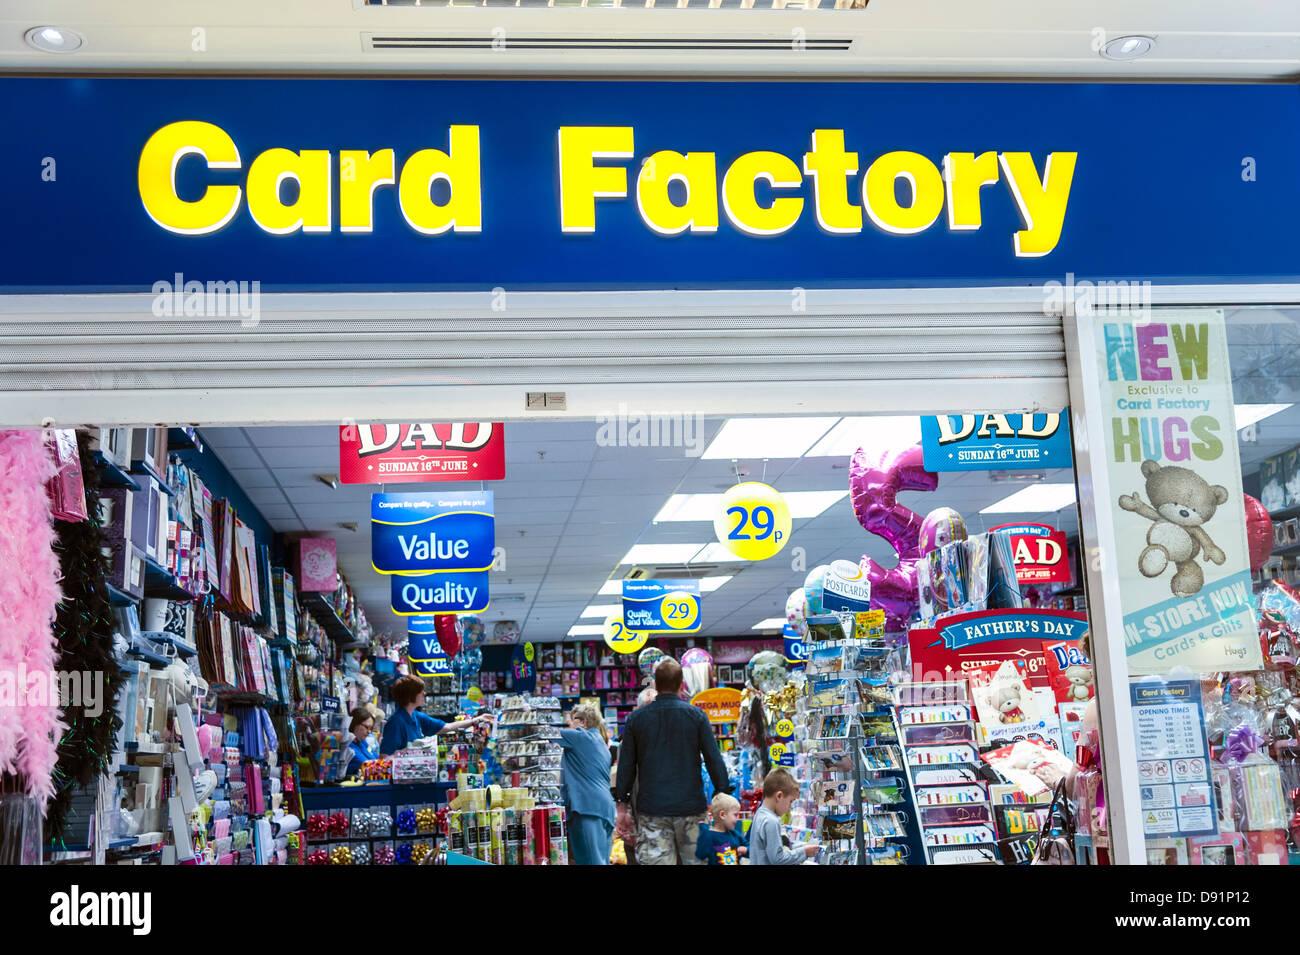 Magasin d'usine de carte à Weston super Mare, Royaume-Uni. Photo Stock